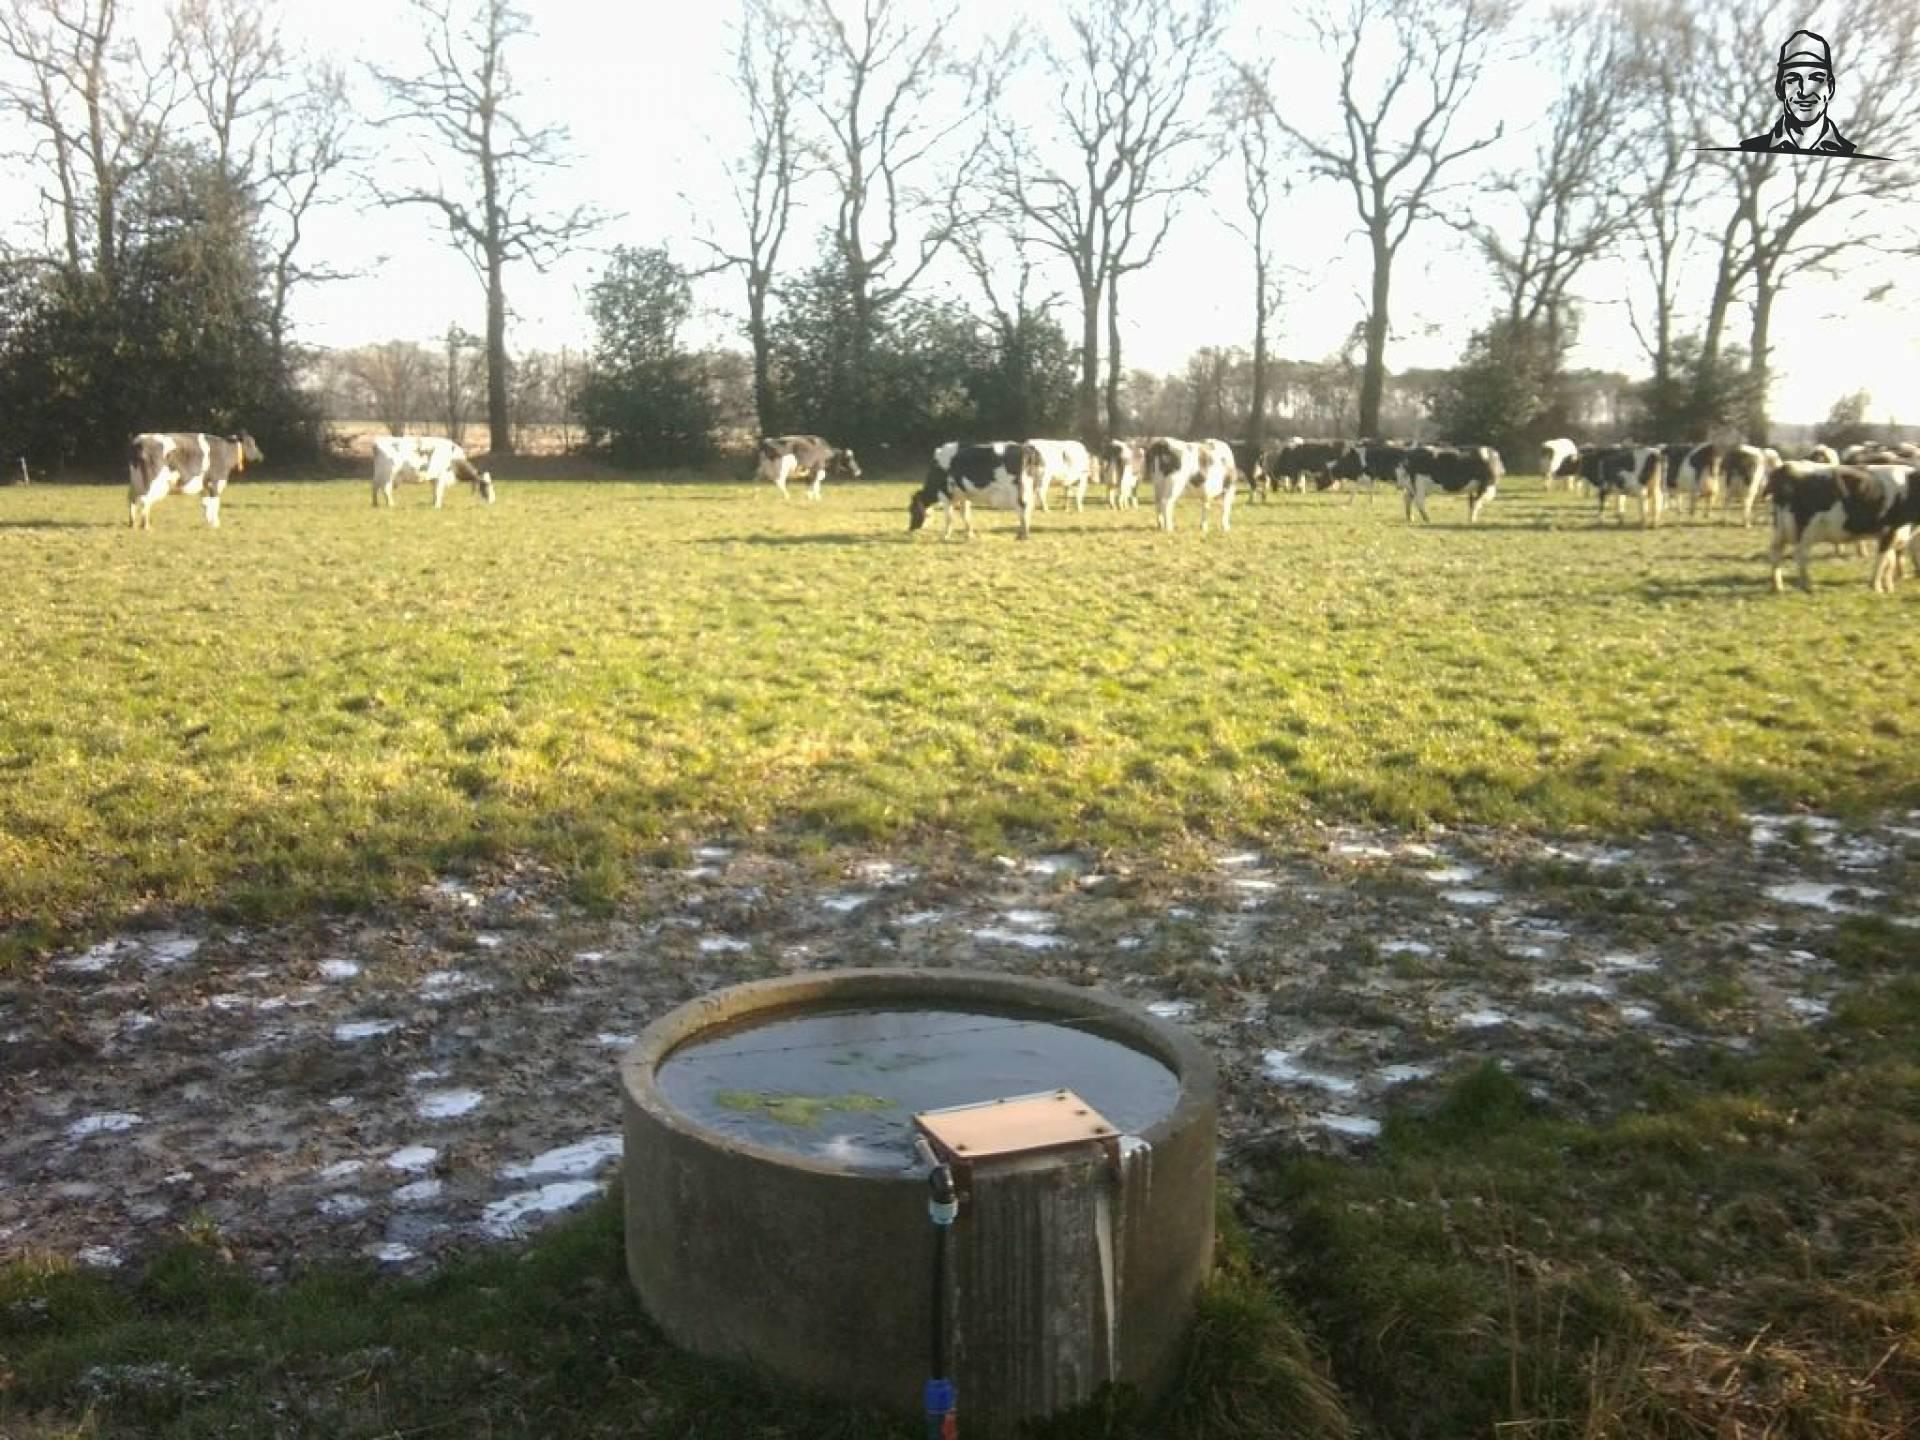 Koeien in de wei 1-2-2012 van Koeienboer Jannes